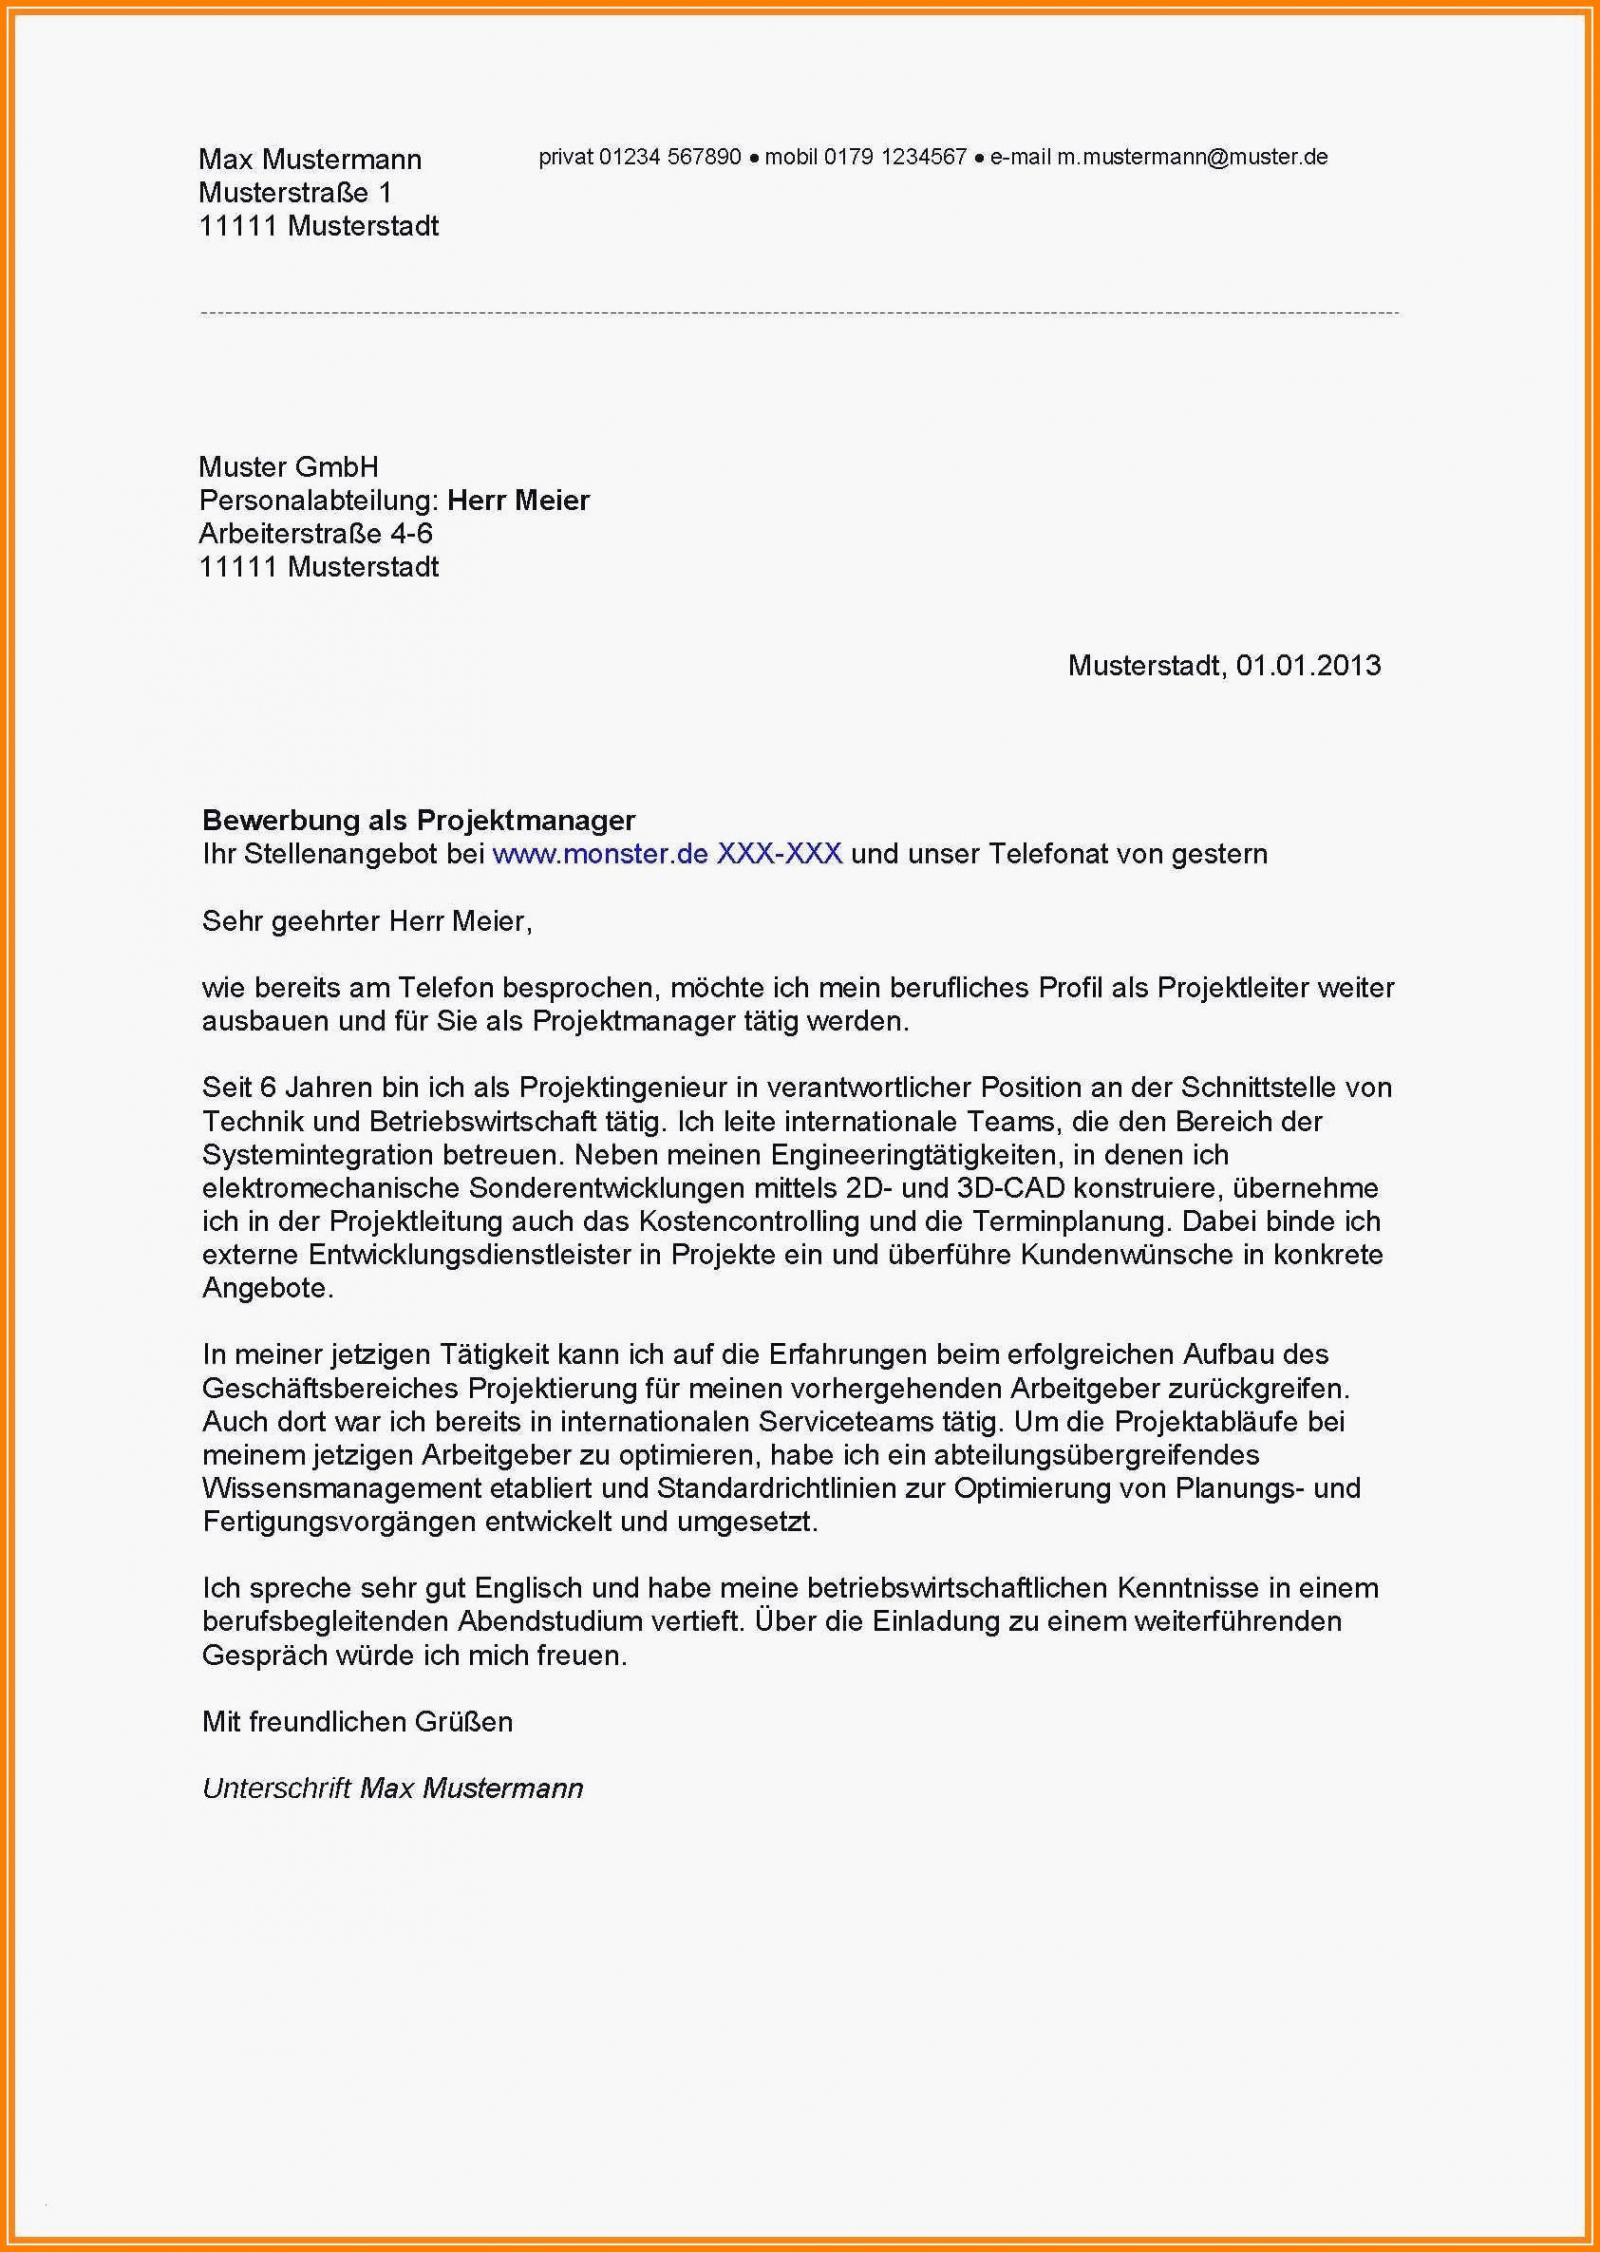 8+ Jobangebot Absagen Muster  Cant Wait Productions Lebenslauf Vorlage Schweiz Berufsberatung